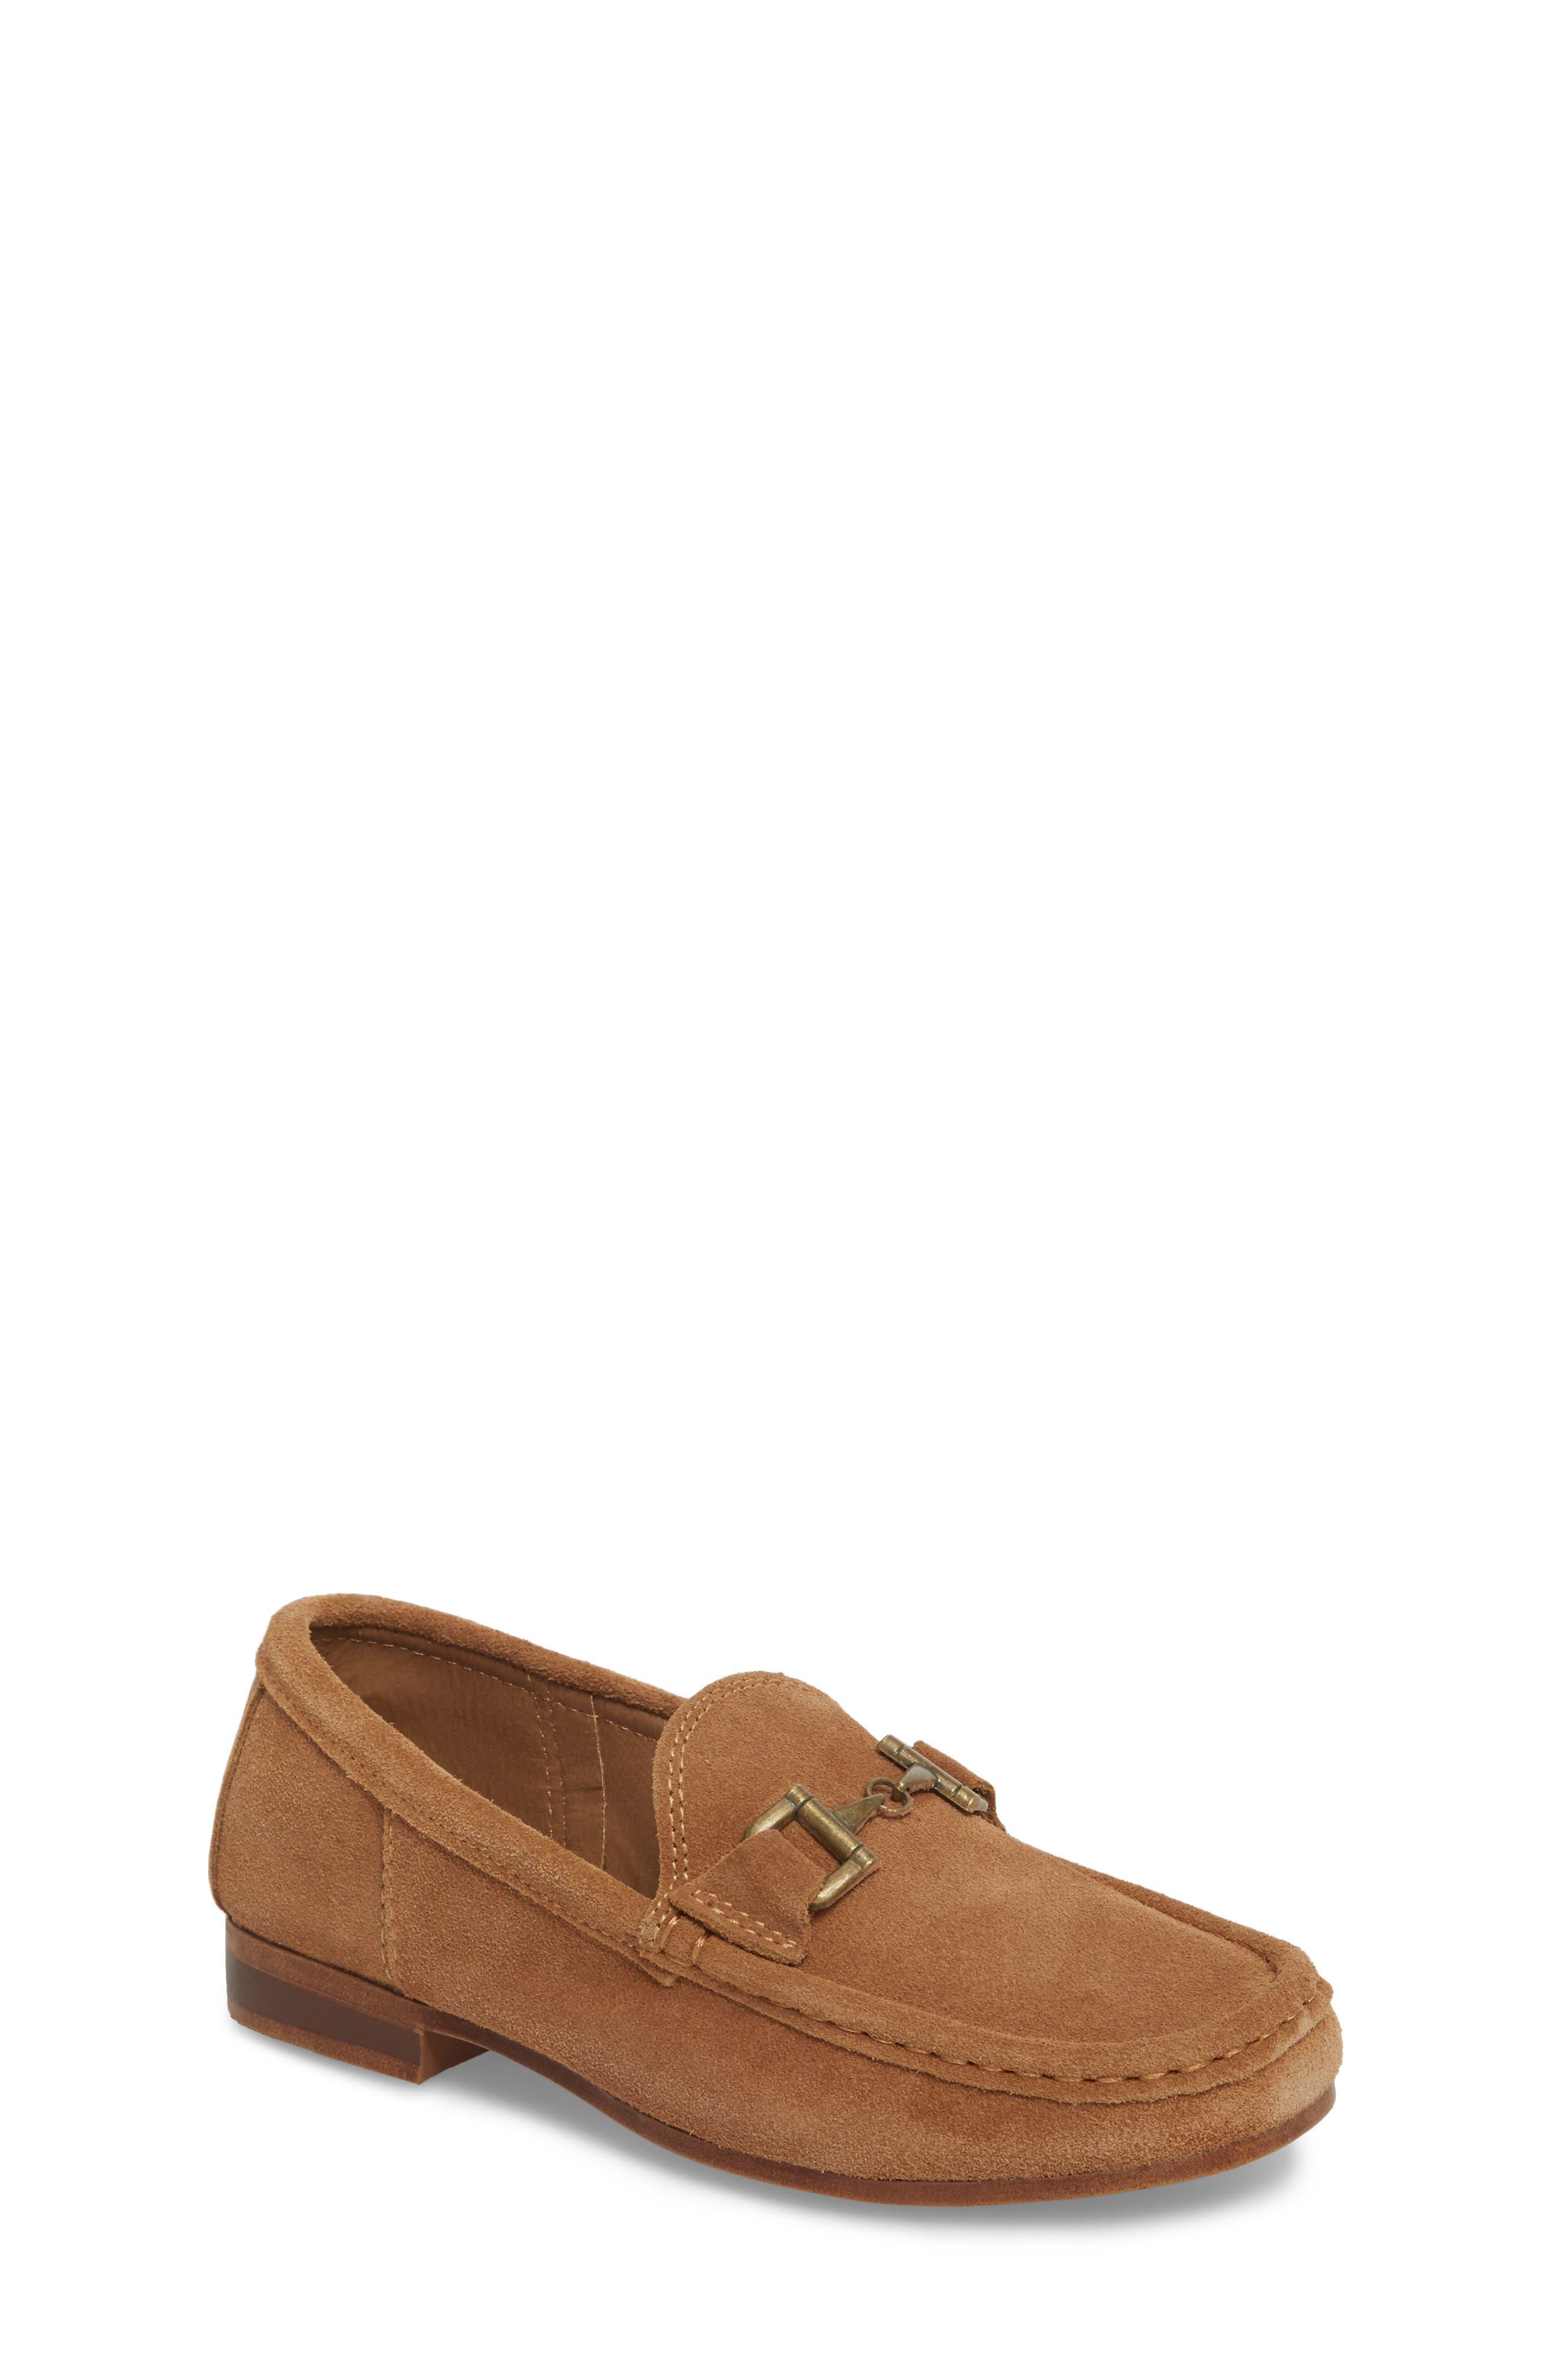 Blugo Loafer,                         Main,                         color, 200